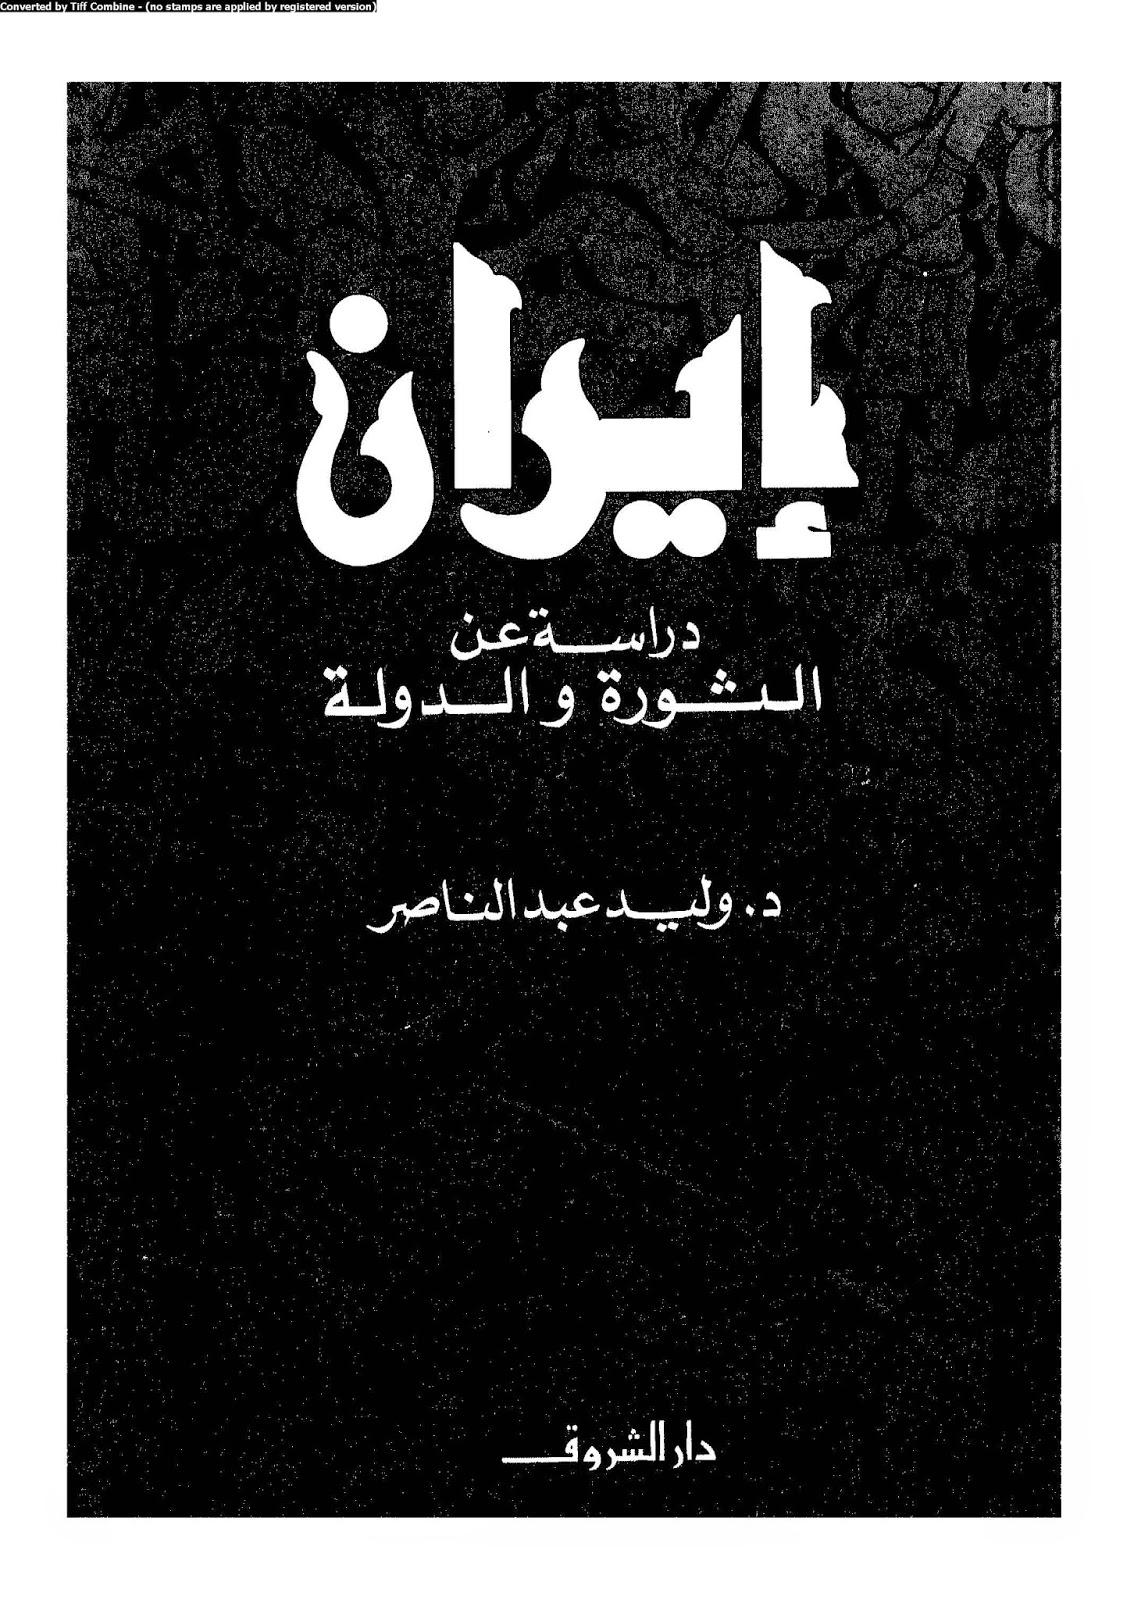 كتاب إيران: دراسة عن الثورة و الدولة لـ وليد عبد الناصر